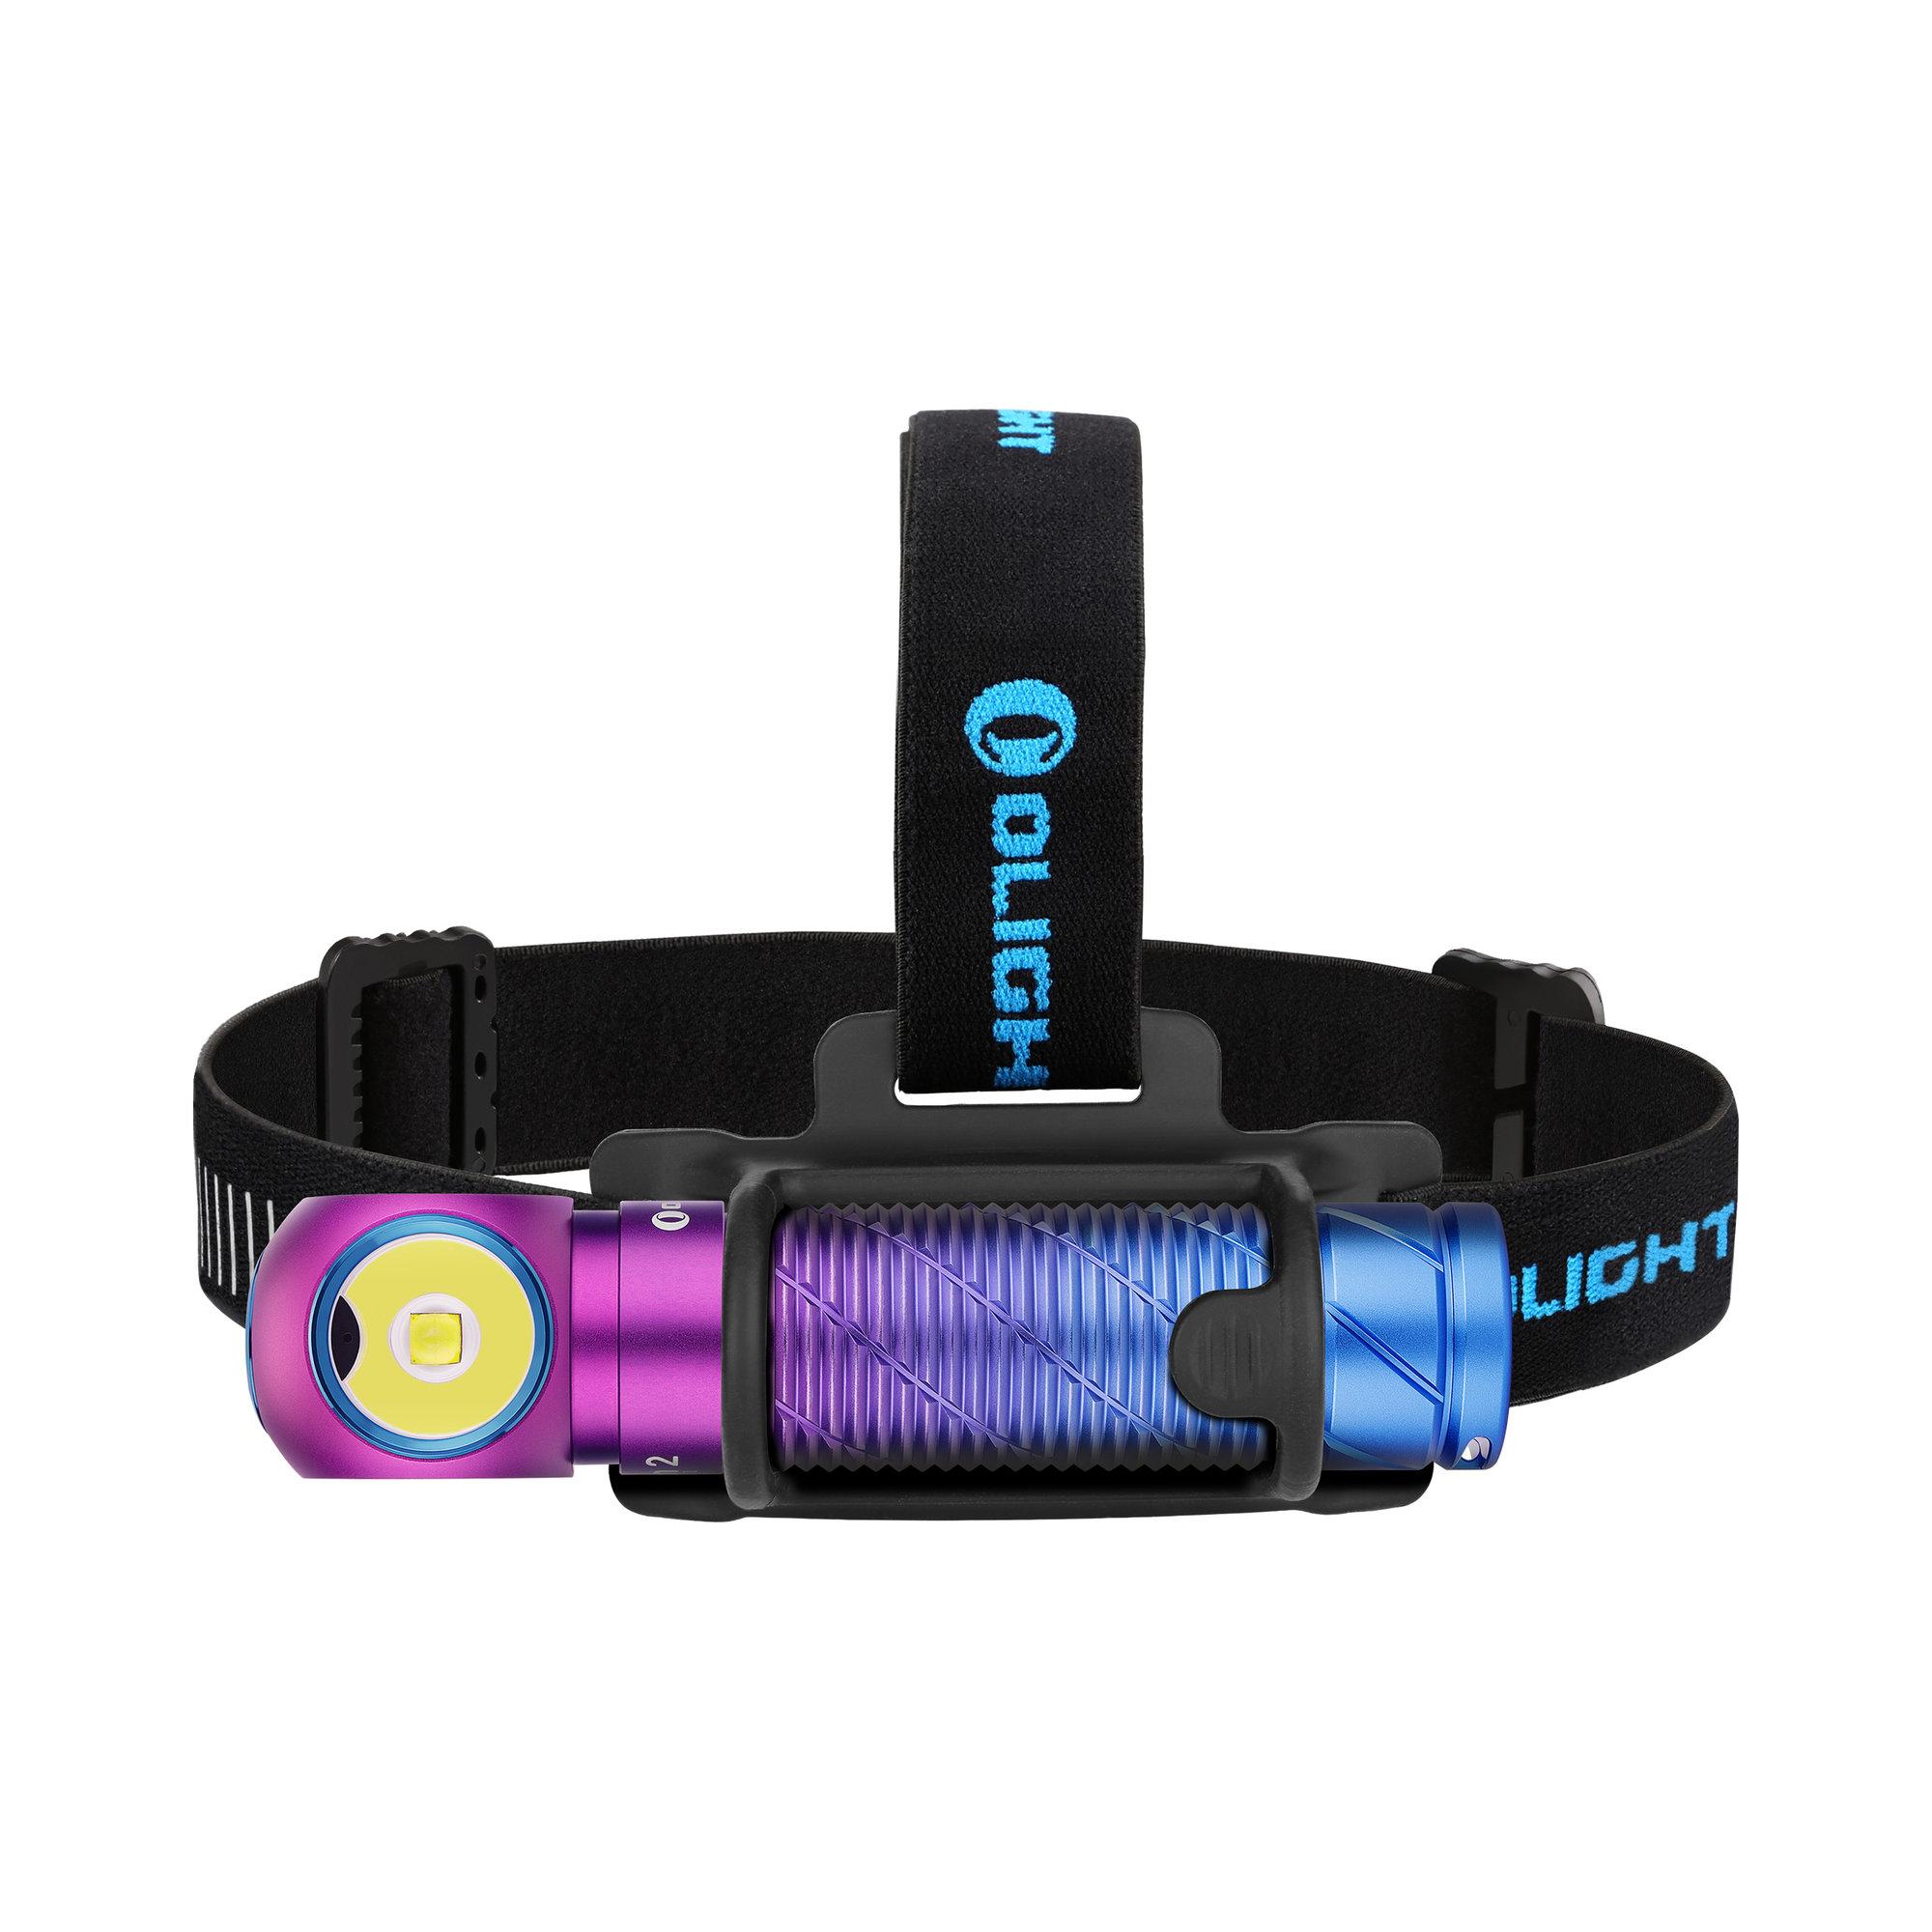 Nabíjateľná LED čelovka Olight Perun 2 Kit Purple gradient 2500 lm - limitovaná edícia